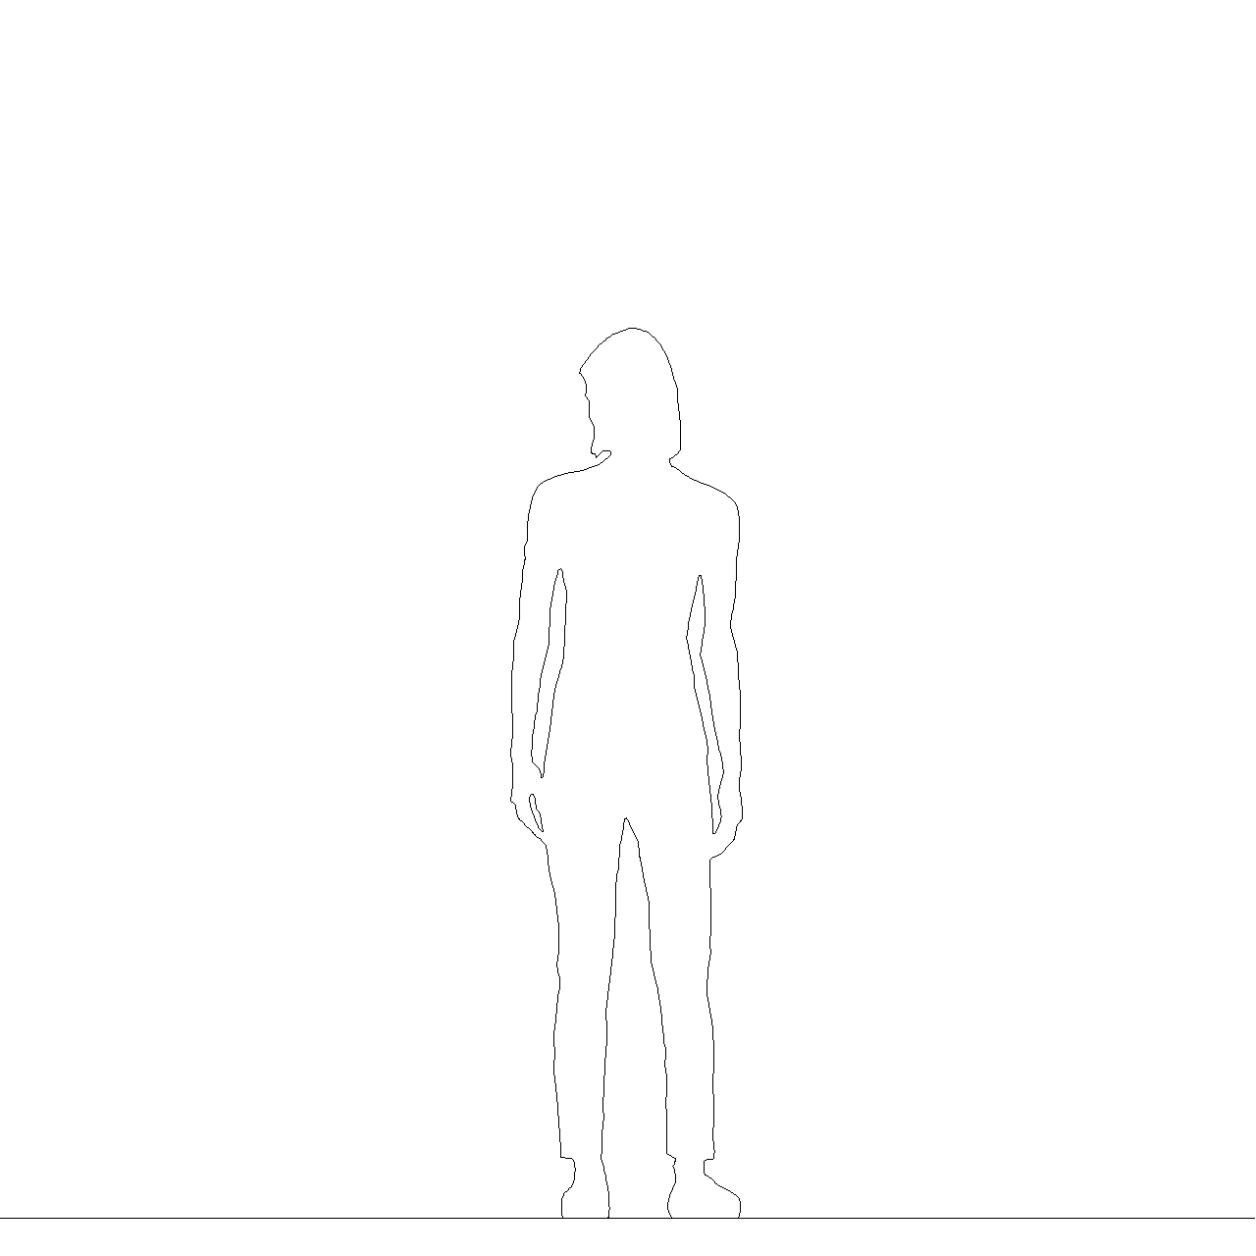 チノパンを穿いた女性の2DCAD部品丨シルエット 人間 女性丨無料 商用可能 フリー素材 フリーデータ丨データ形式はAUTOCAD DWG・DXFファイルです